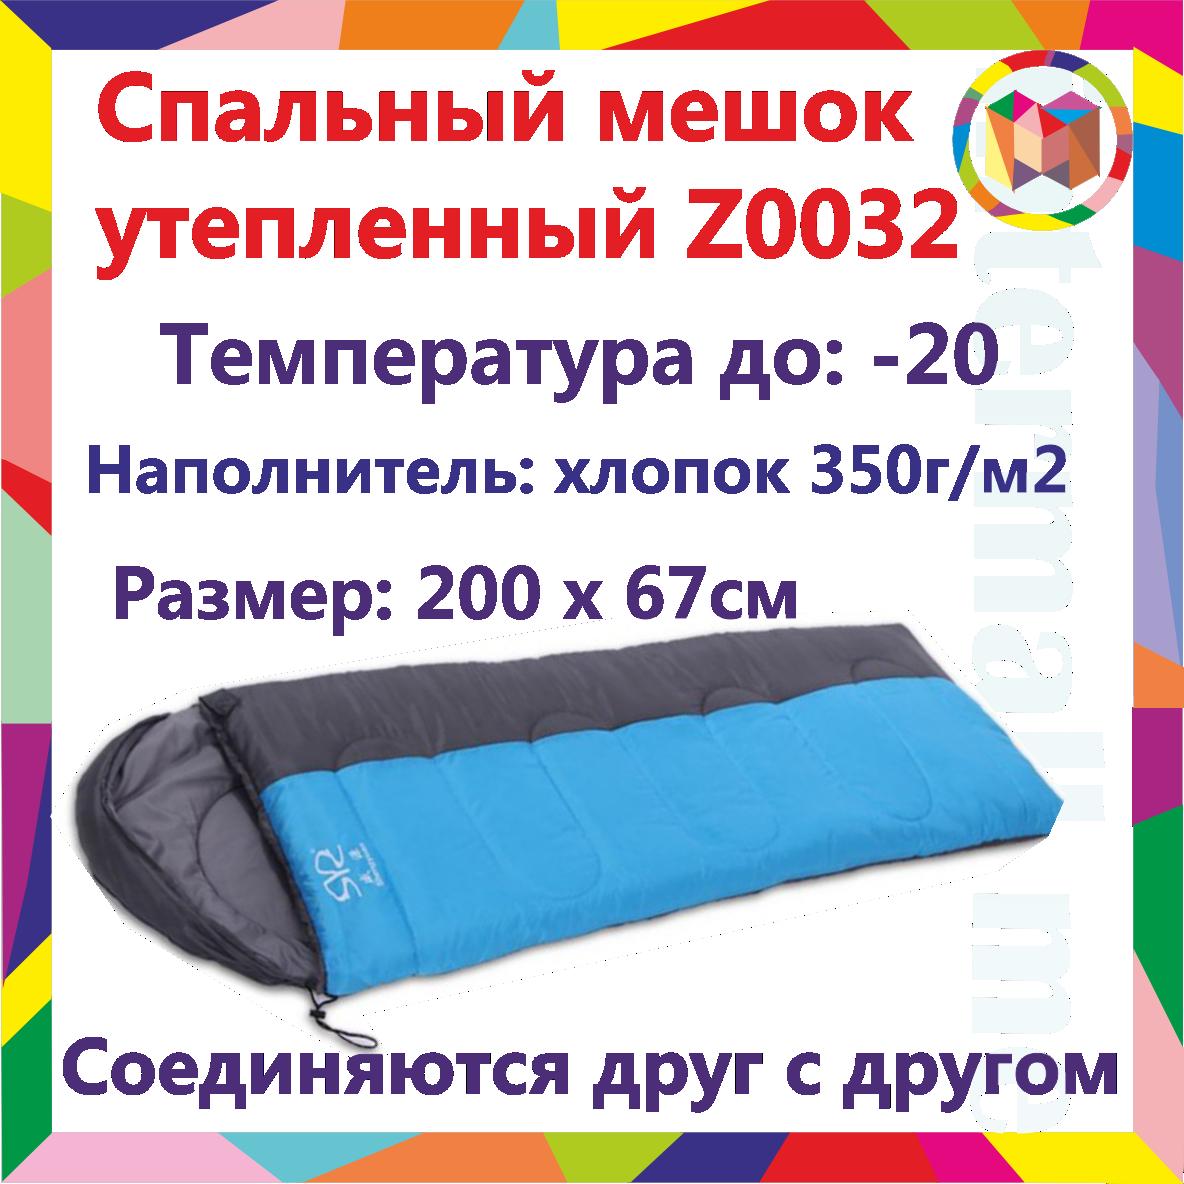 Спальный мешок одноместный, утепленный, SY-081-2, 200 х 67см Синий